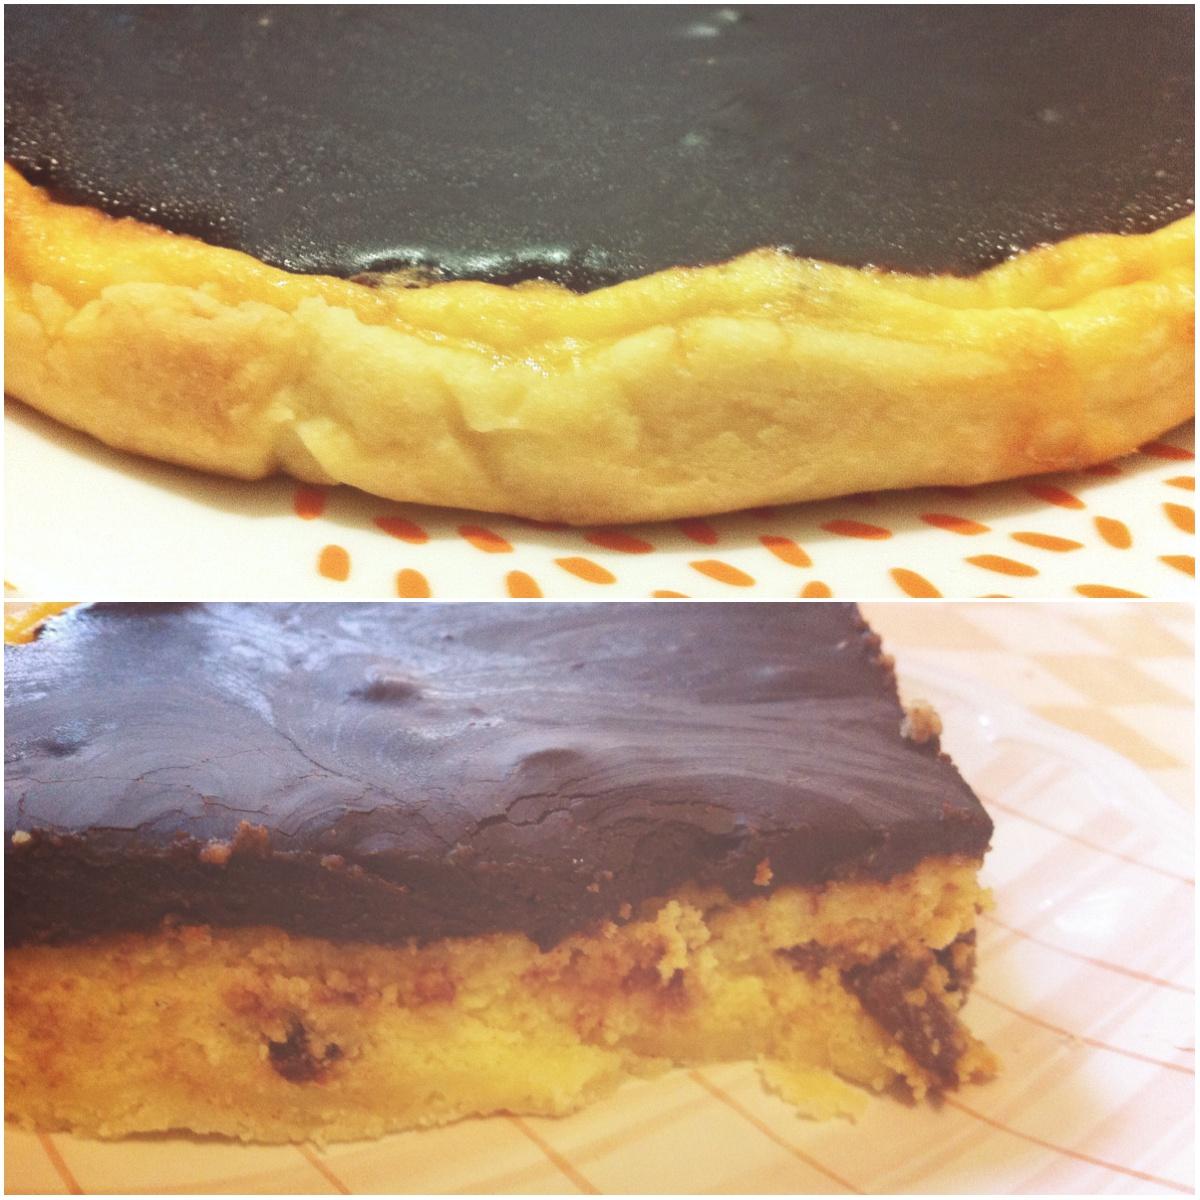 torta-con-ripieno-di-ricotta-e-copertura-al-cioccolato.JPG